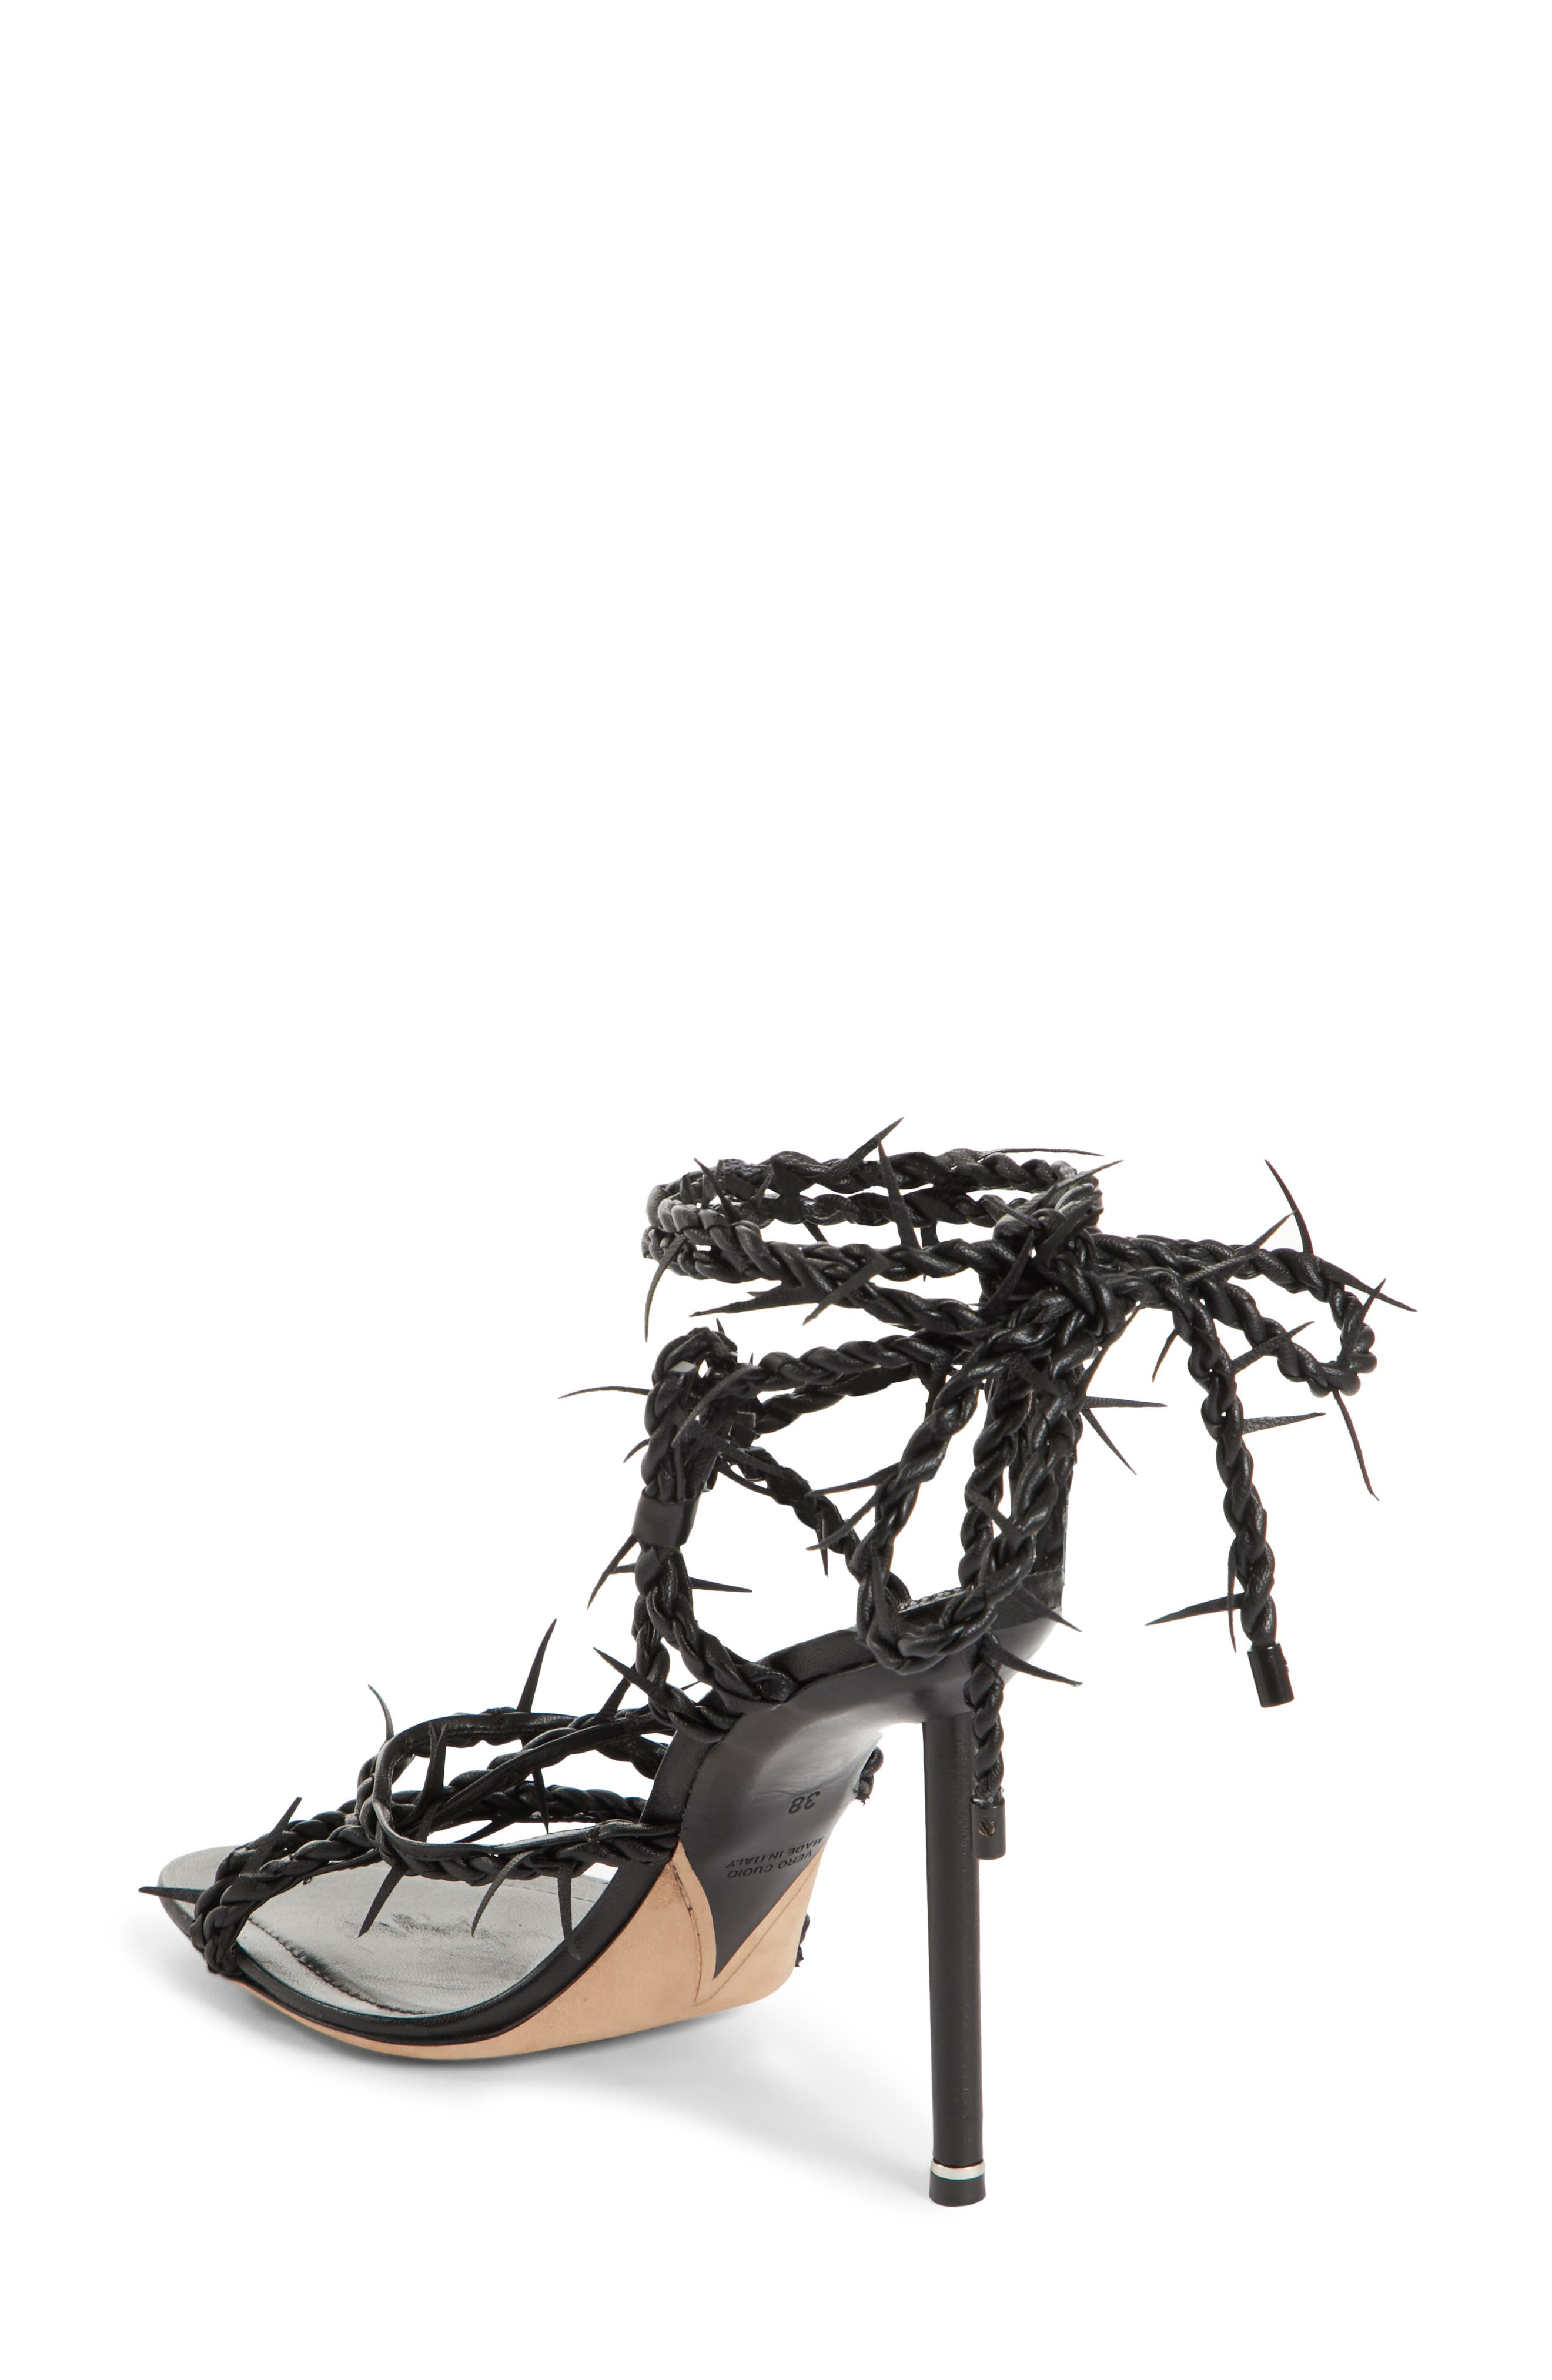 Lexie Cabel Wire Sandal,                             Alternate thumbnail 2, color,                             001